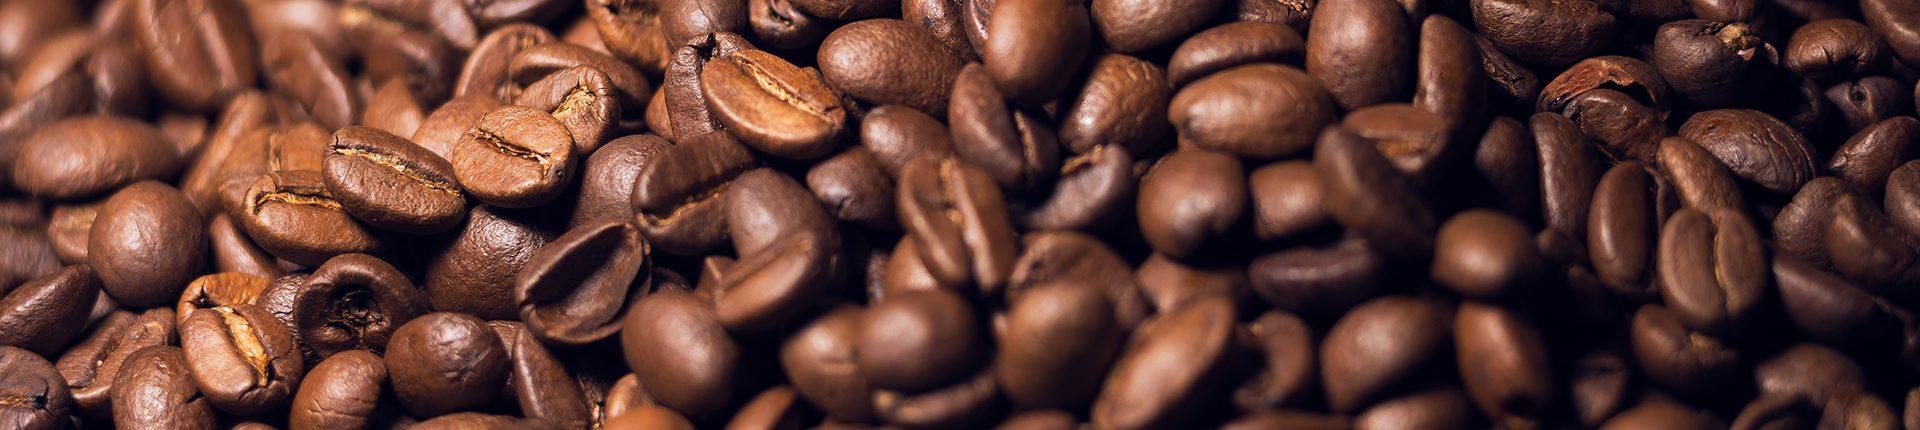 קפסולות ופולי קפה לעסקים